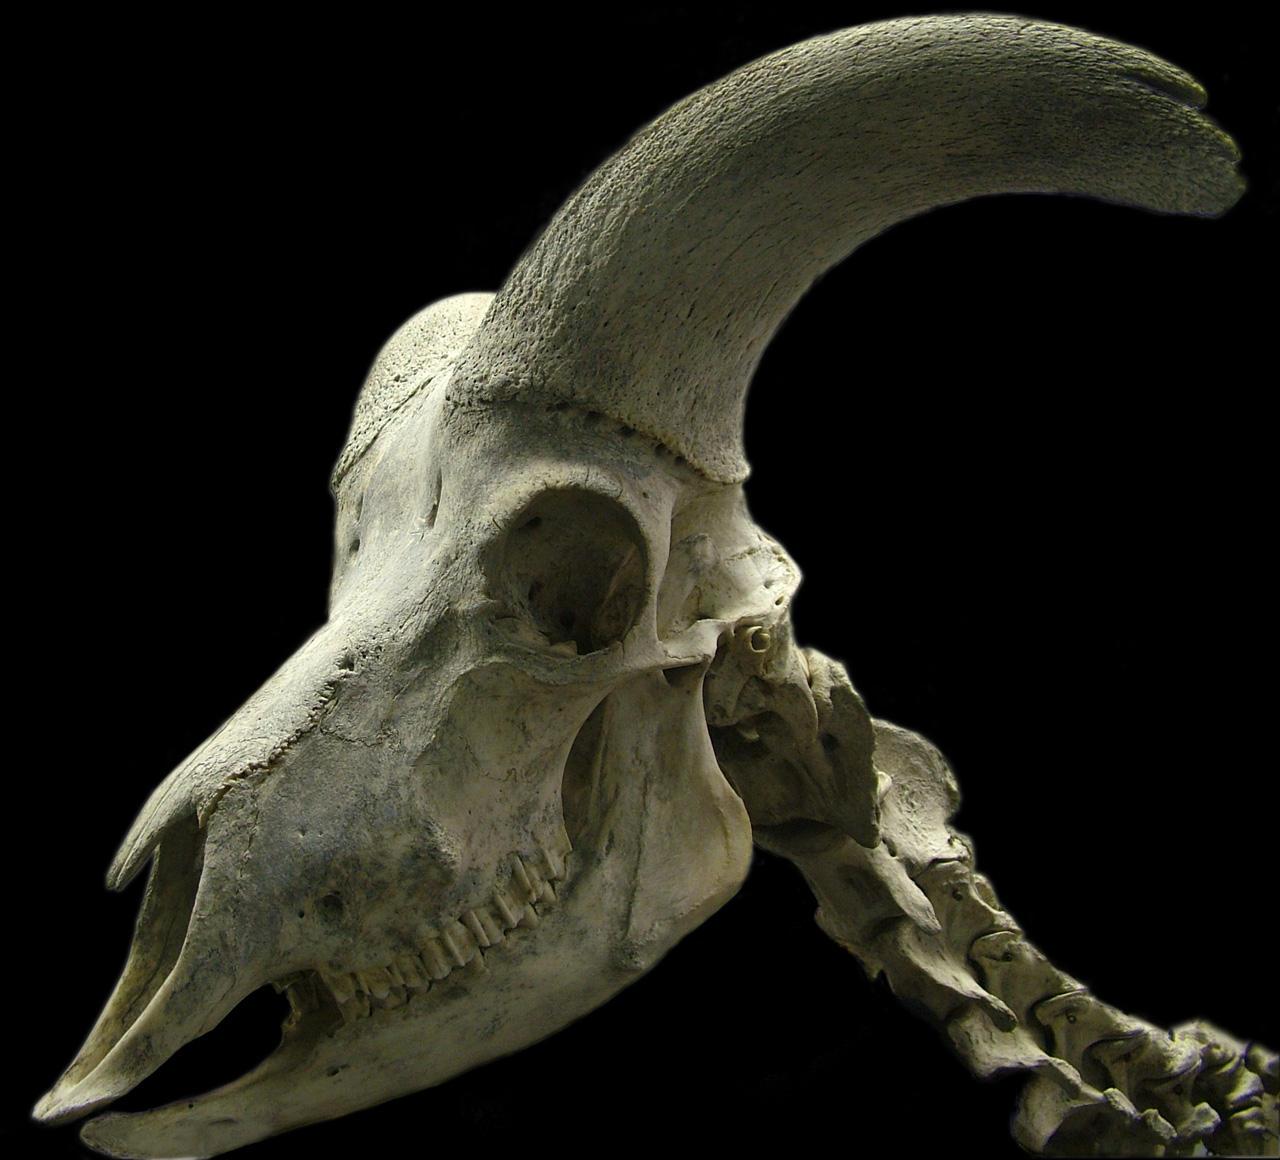 Mountain goat skull - photo#9